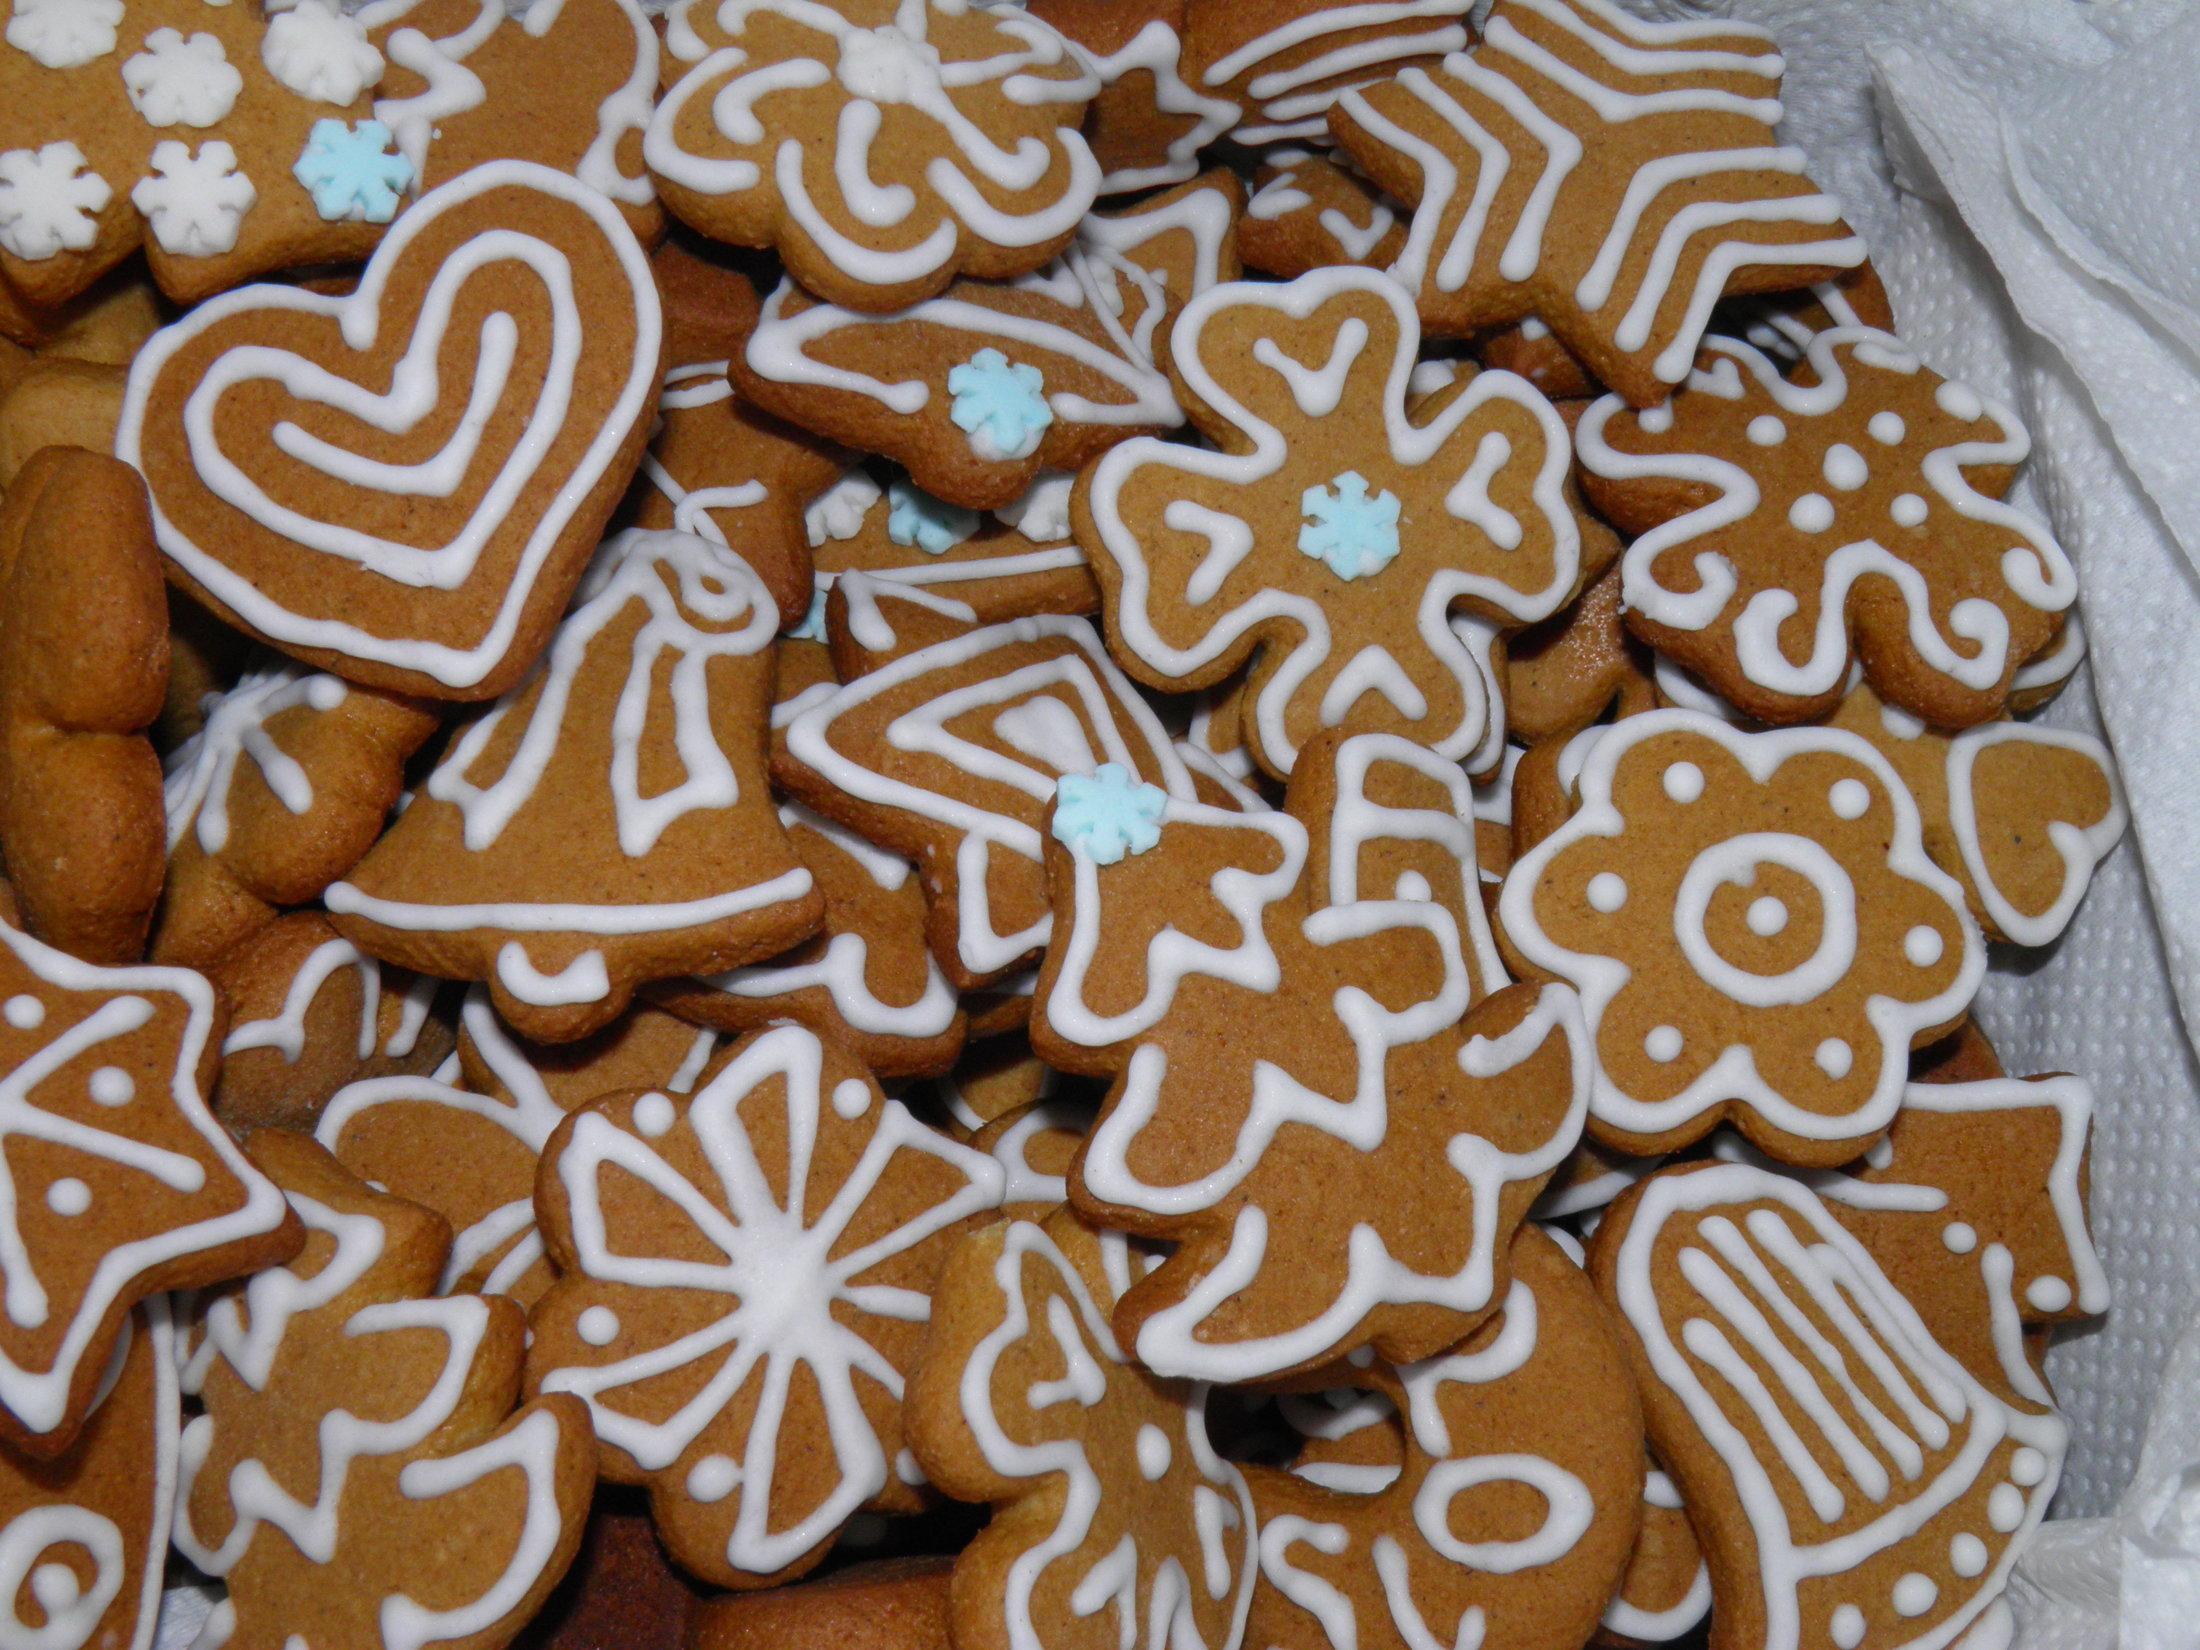 Perníčky na Vánoce či Velikonoce